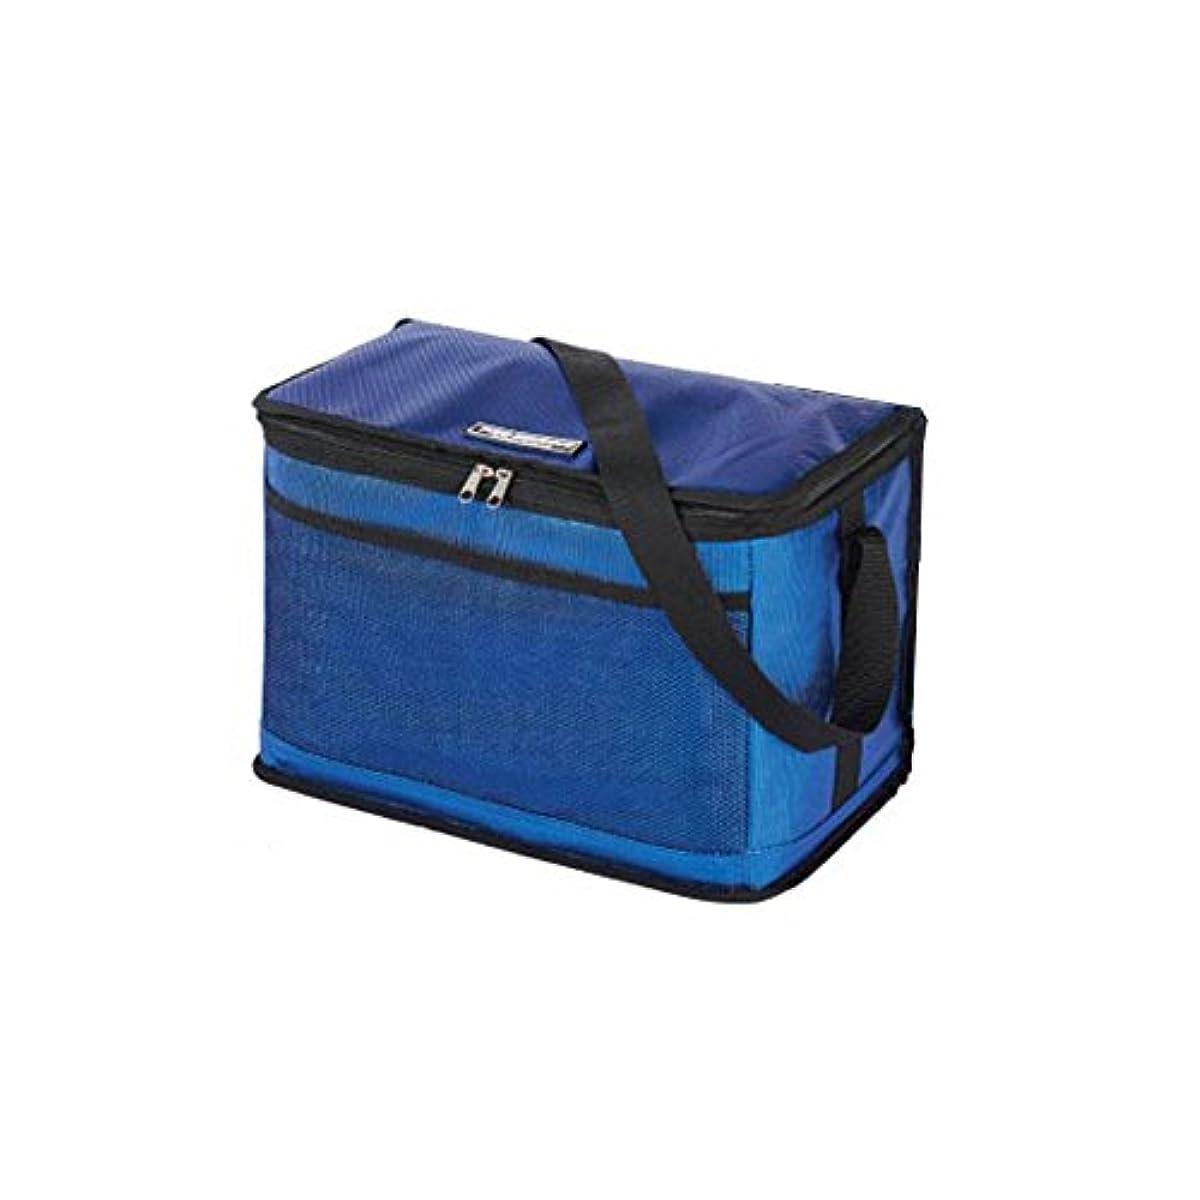 [해외] 프로 마린PRO MARINE 쿨러 박스 소프트 쿨러 화이트 15L ABG004-15L 블루